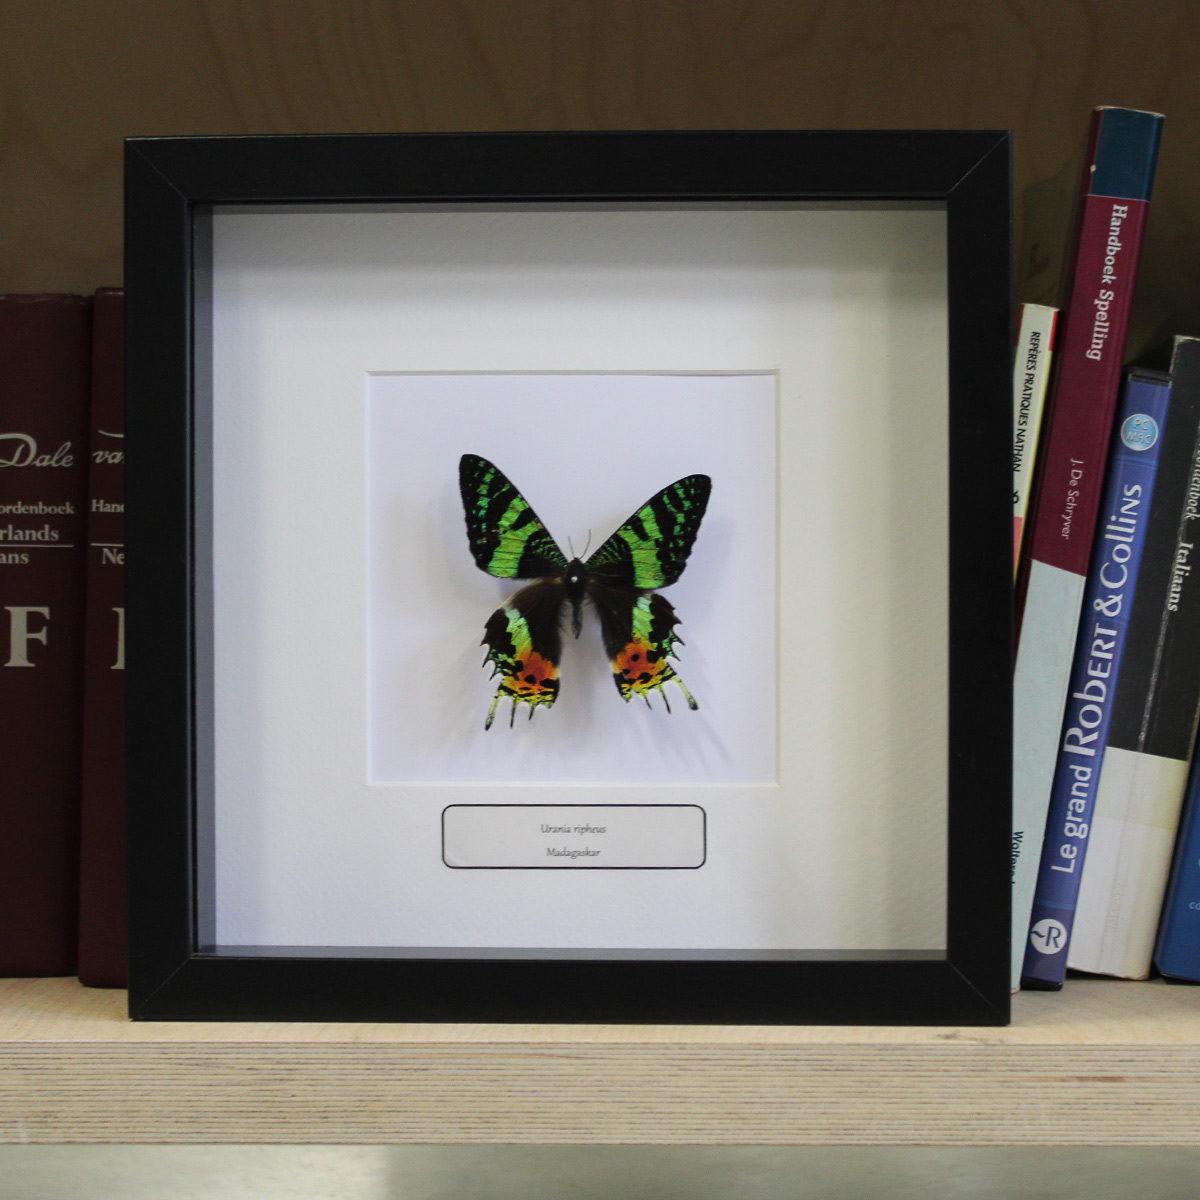 Verbazingwekkend Insecten Design   Ingekaderde insecten, vlinders en schorpioenen RC-49